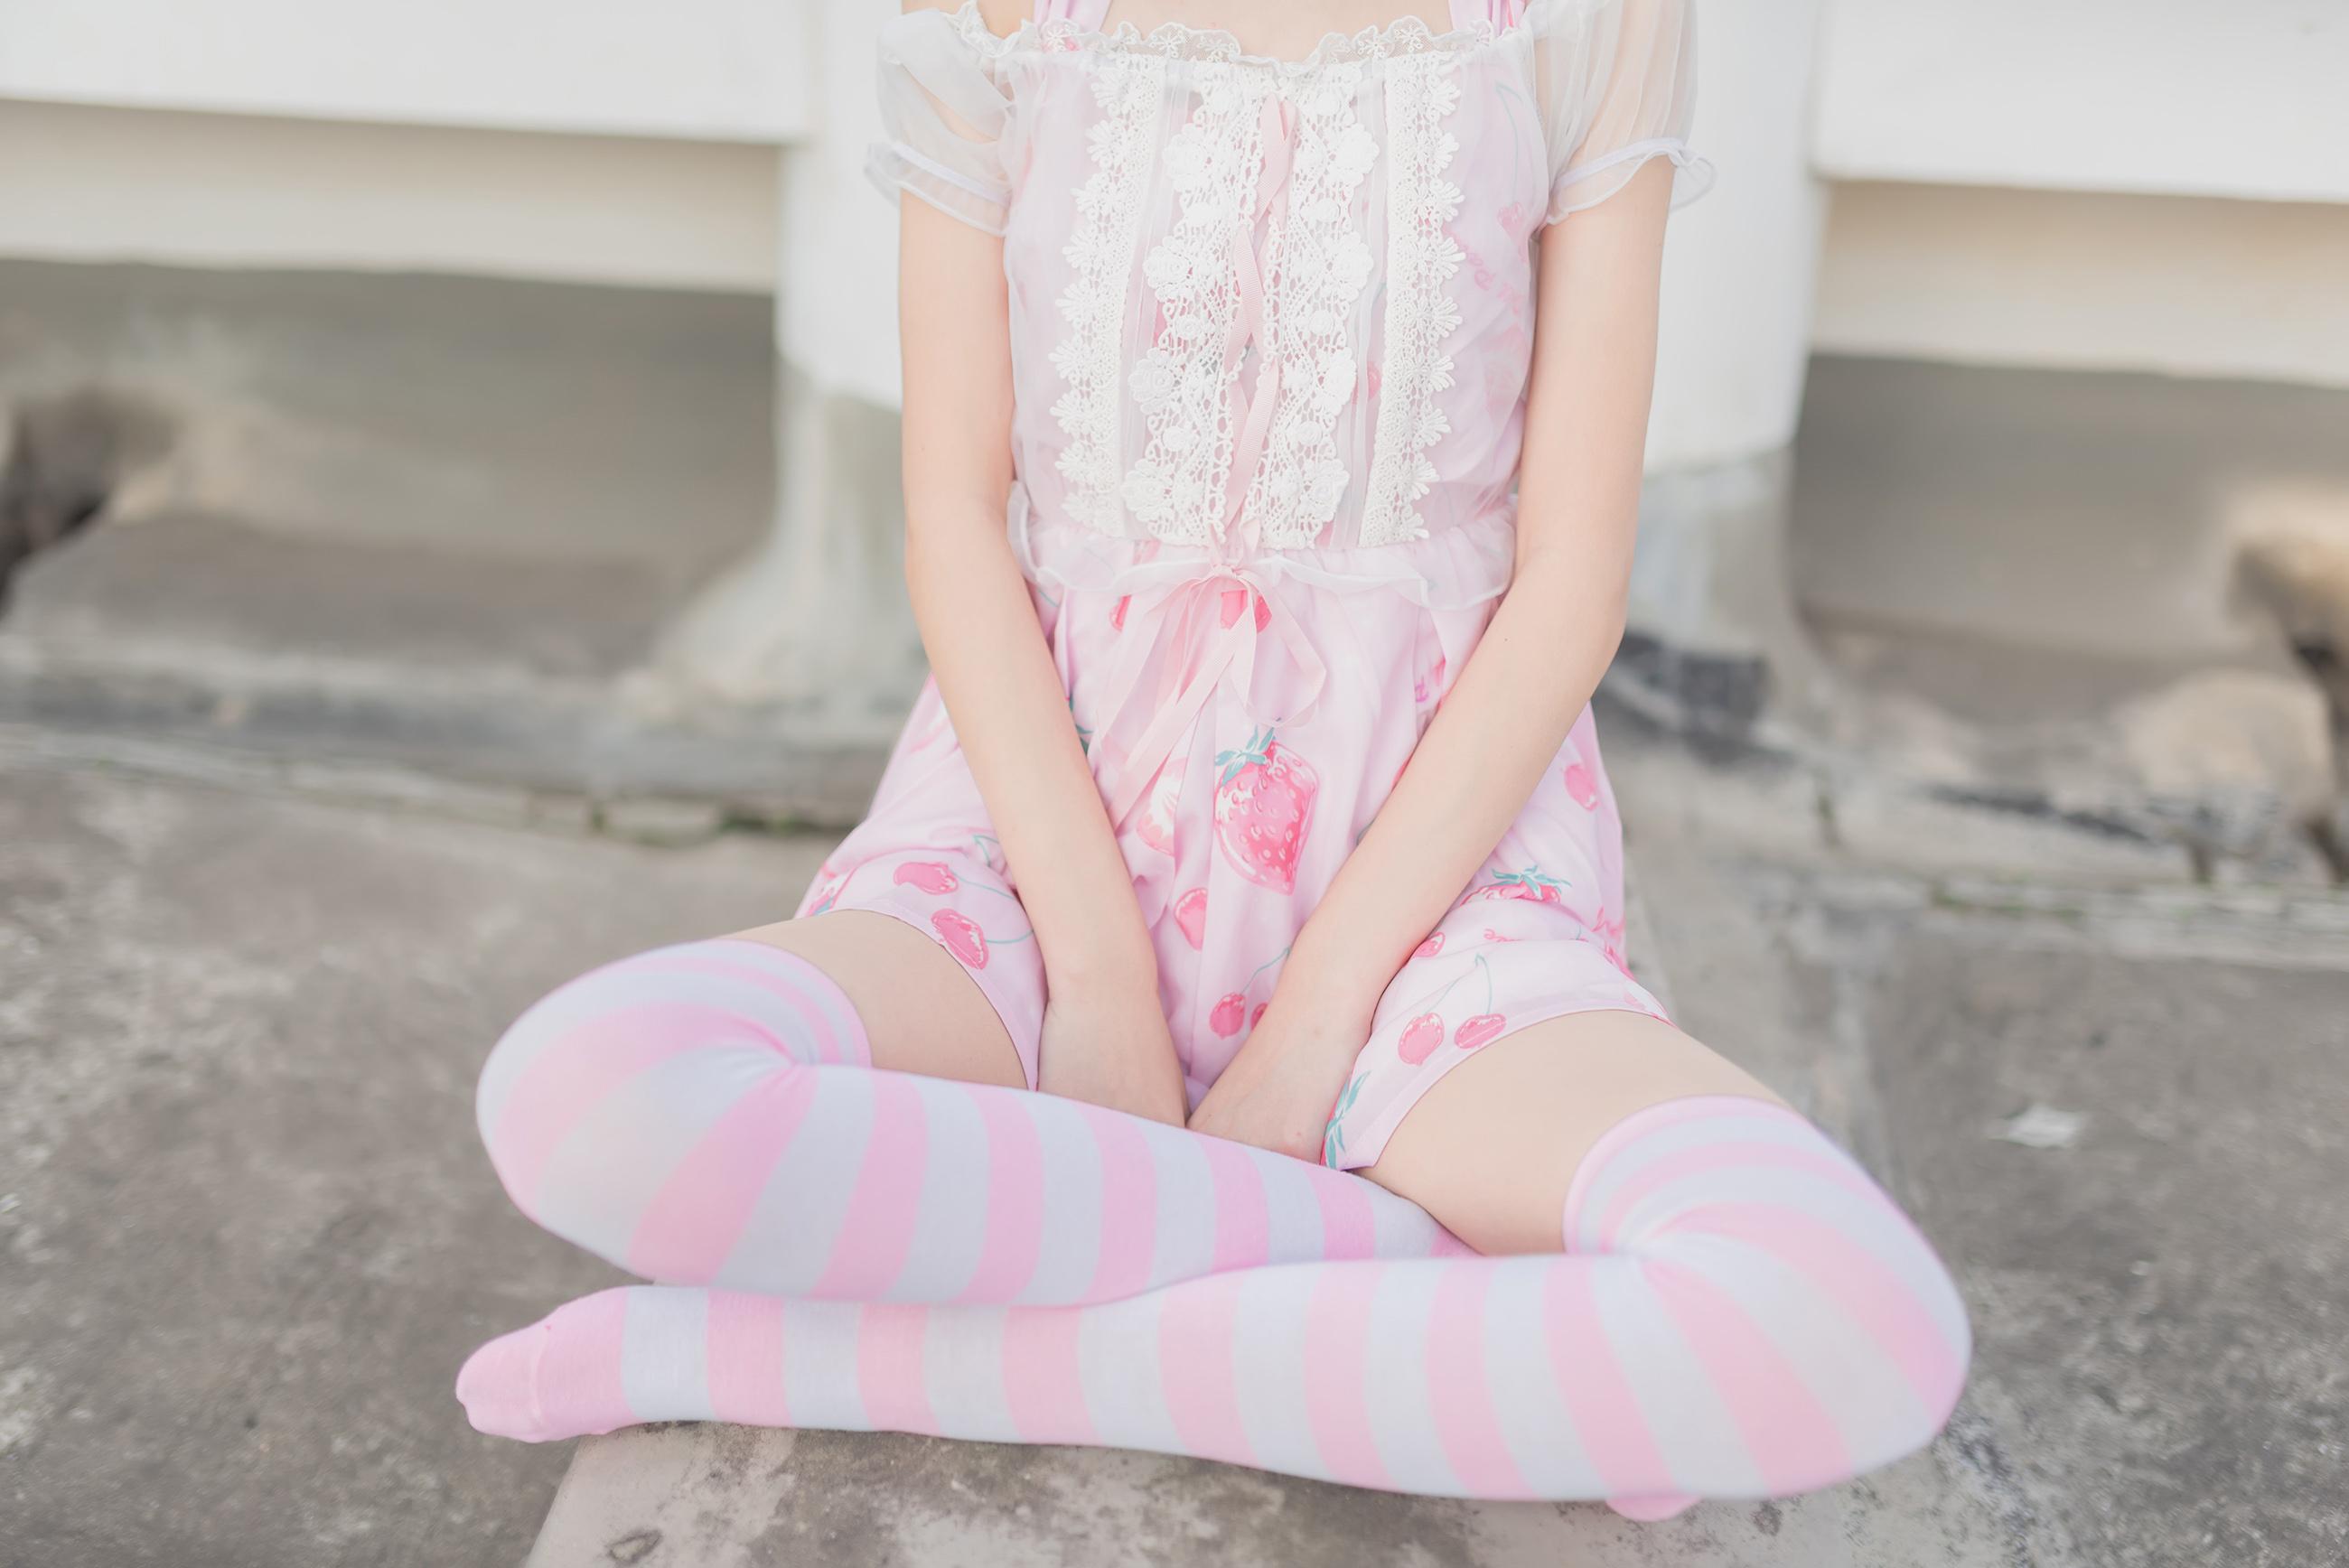 粉白条纹 腿控领域